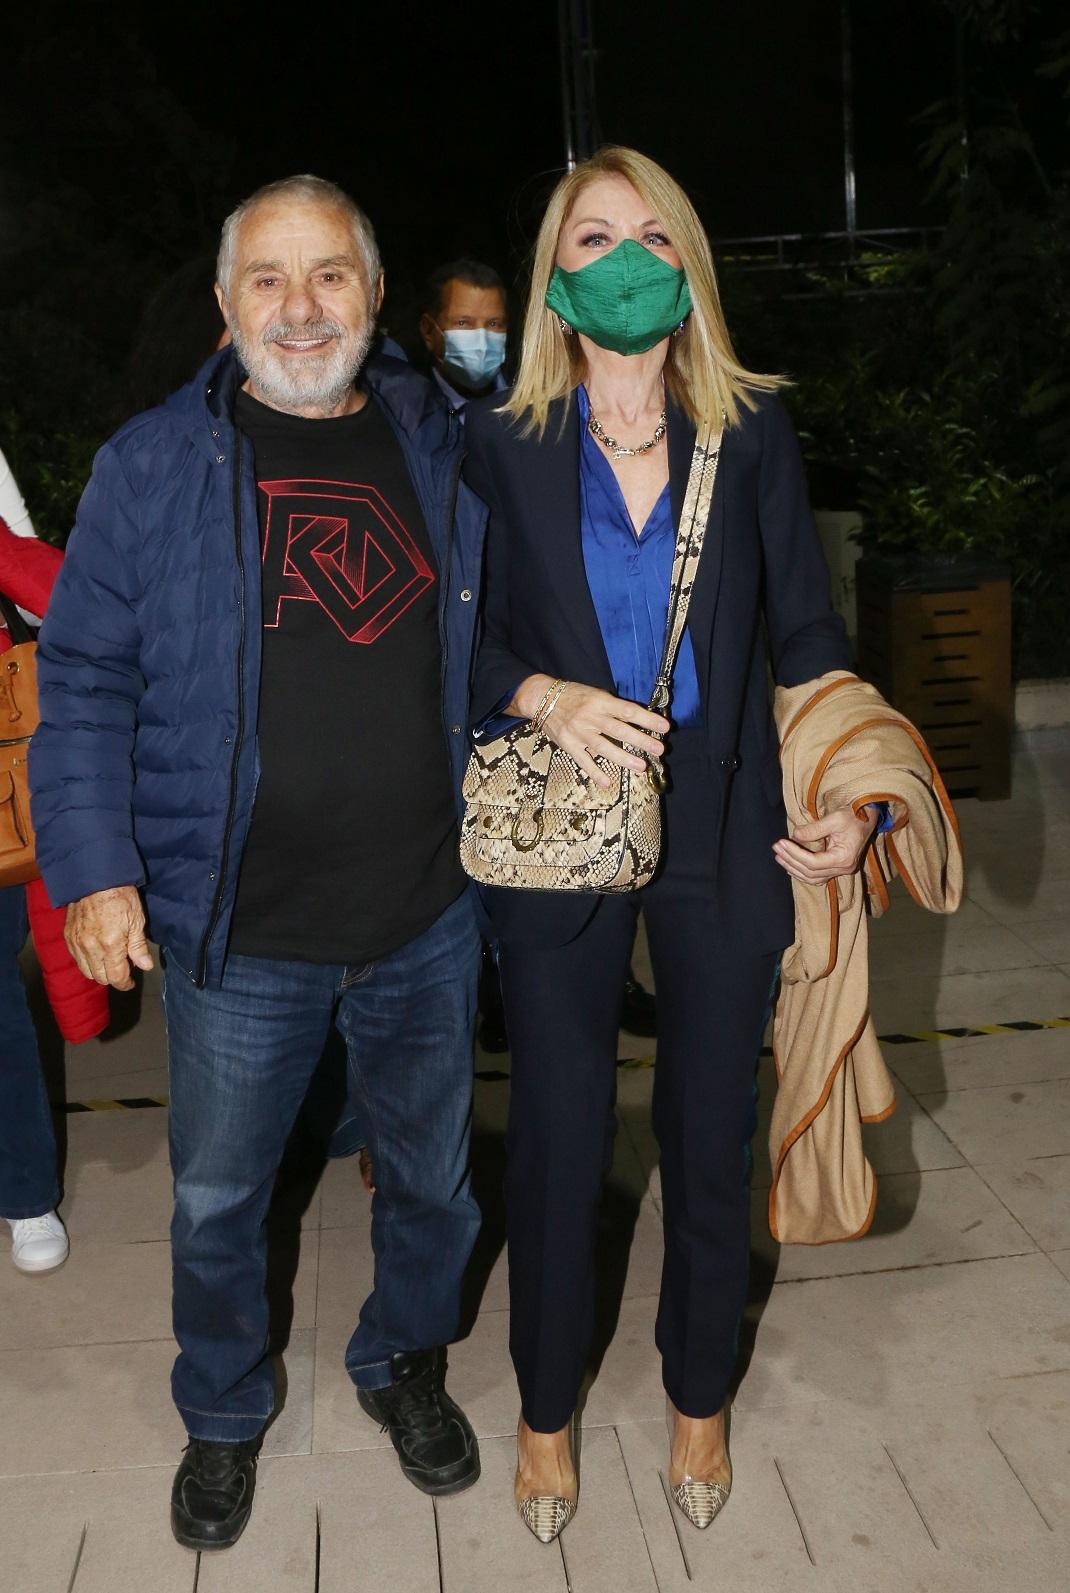 Η Έλλη Στάη με κοστούμι στο Θέατρο Άλσος